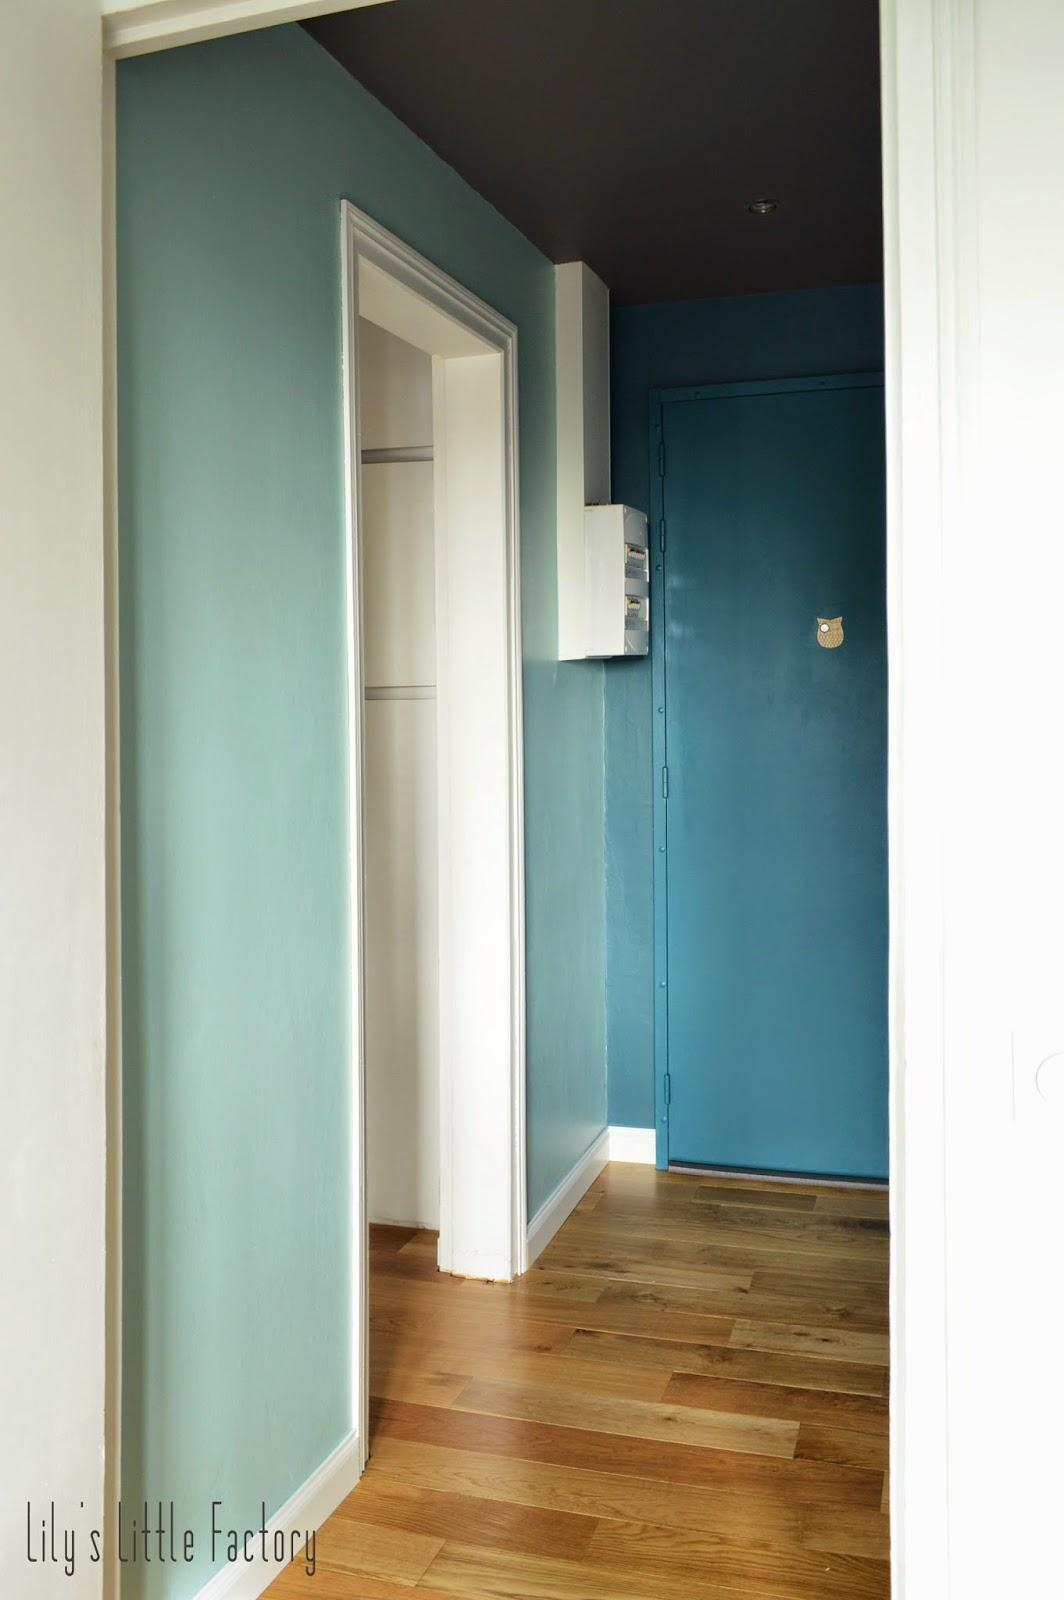 Deco entree d appartement 2916 - Deco entree d appartement ...